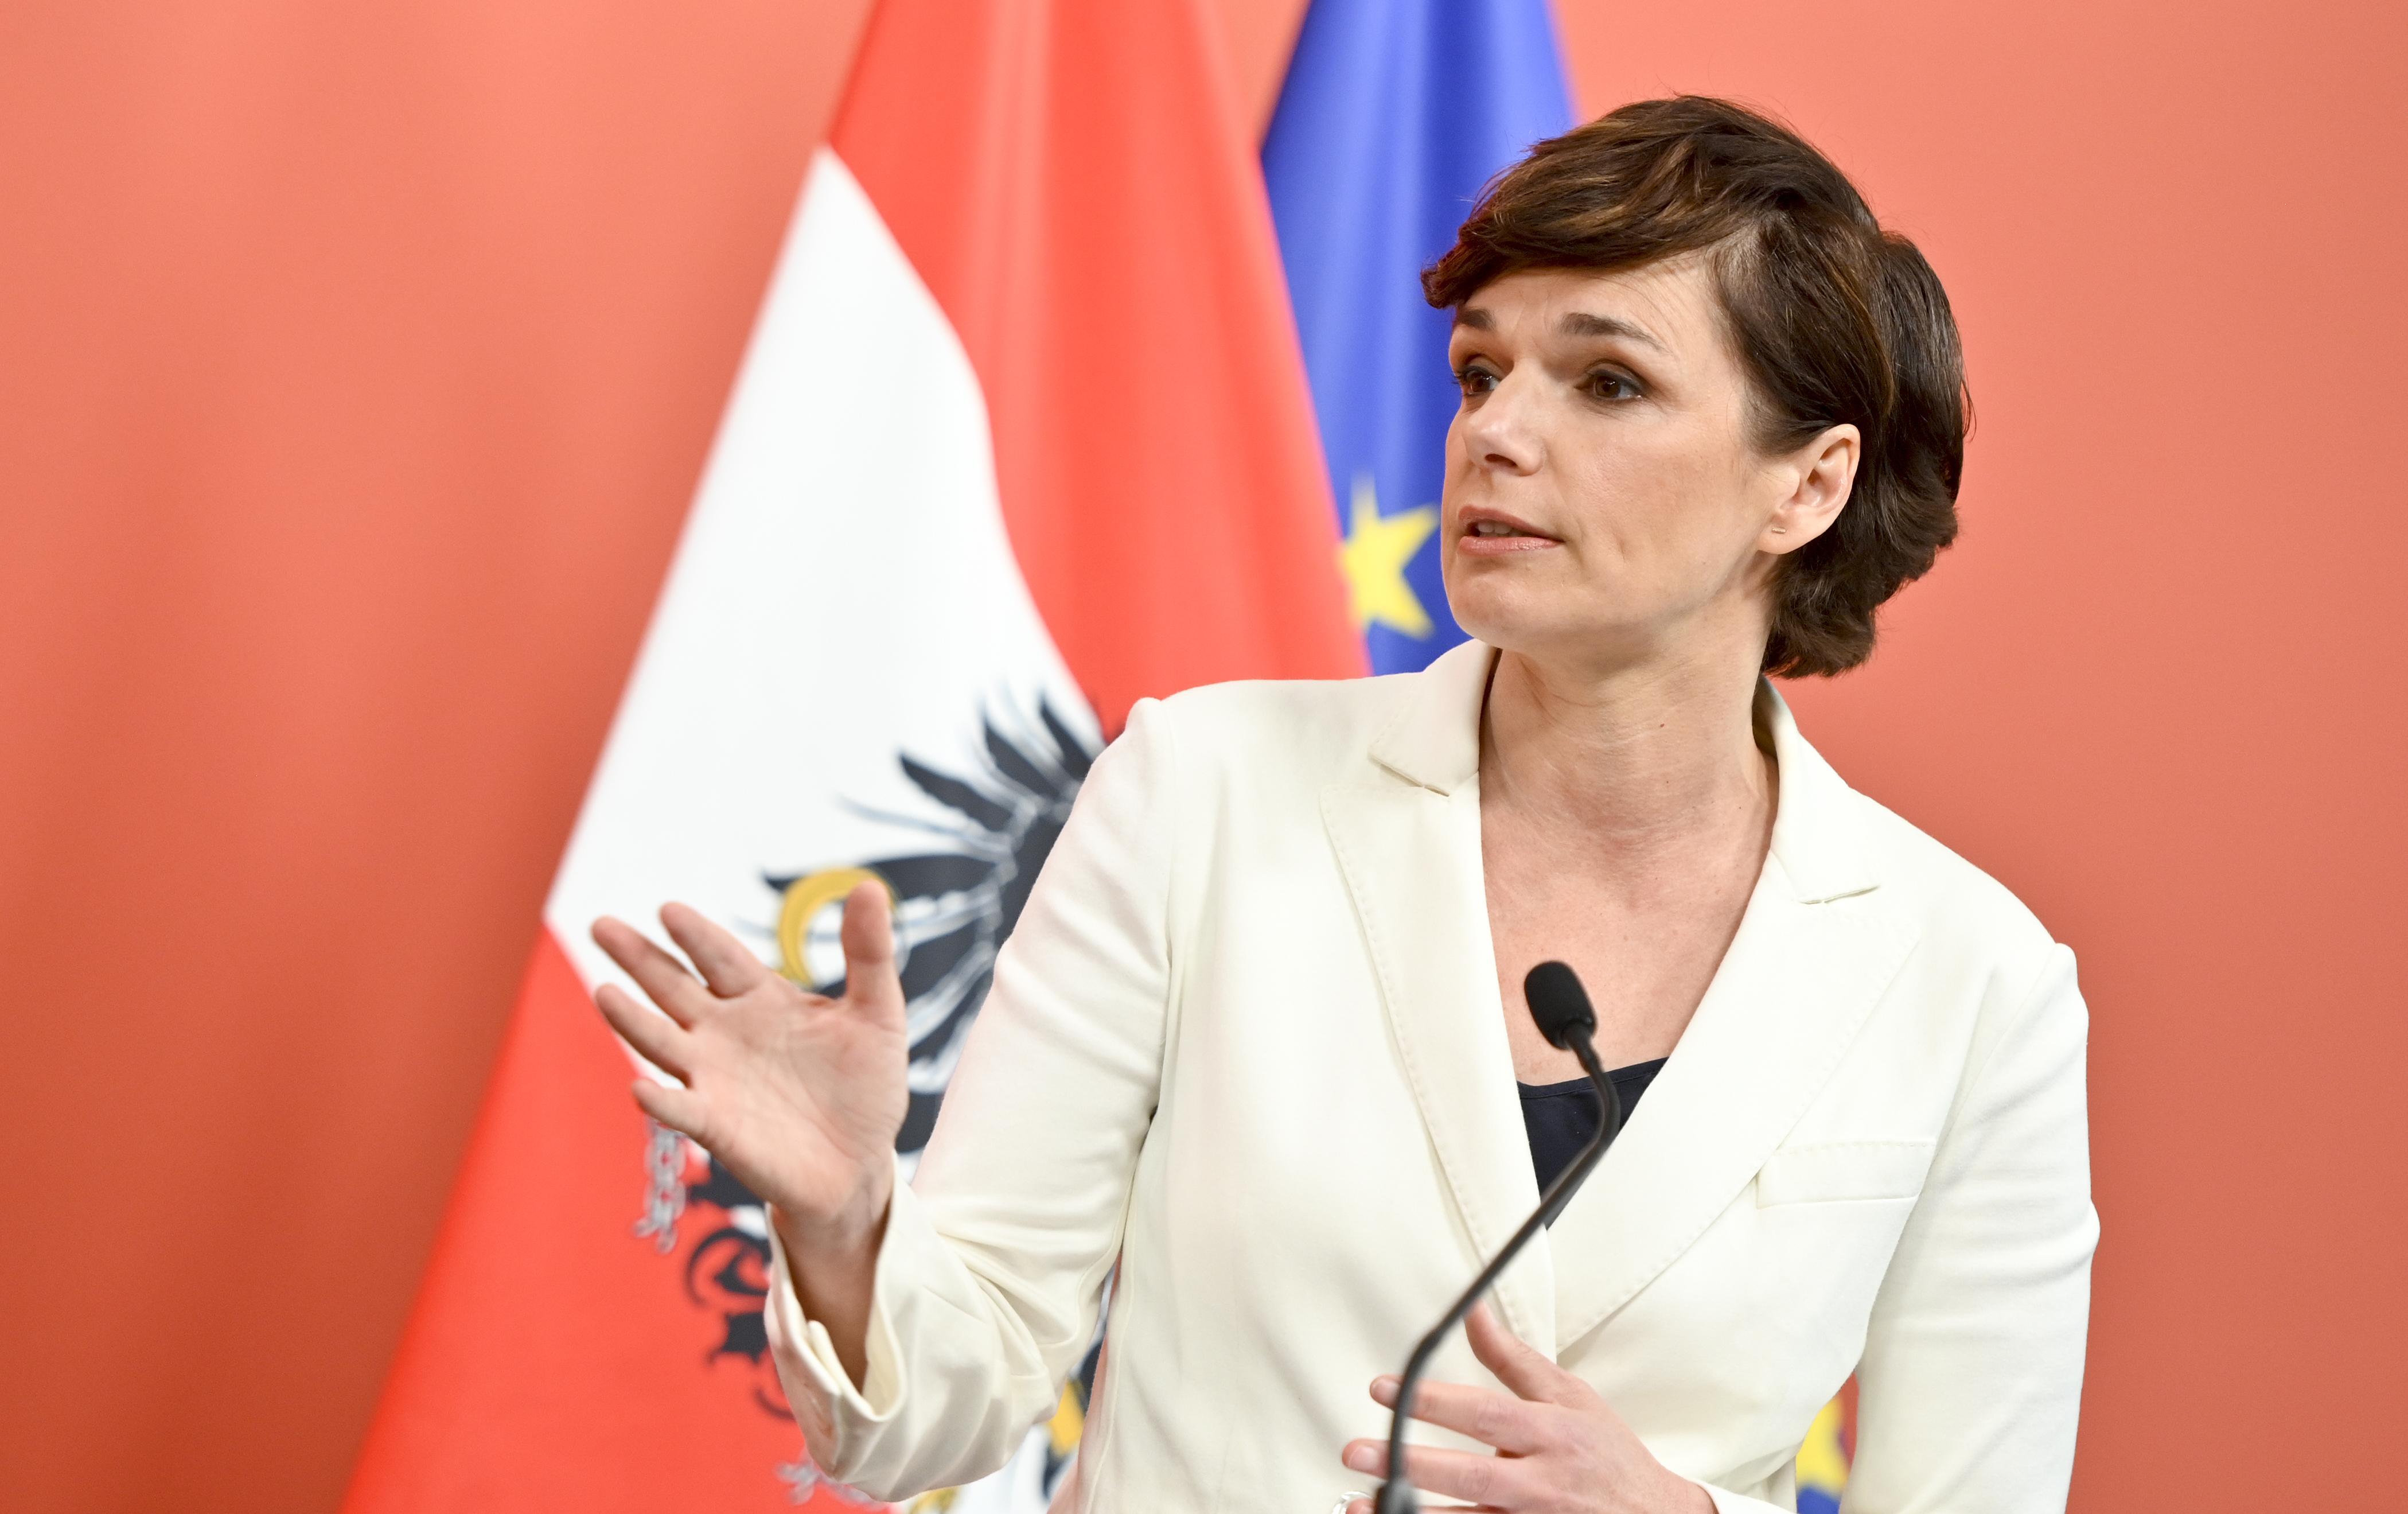 Rendi-Wagner: Scharfe Kritik an Kurz und Doskozil